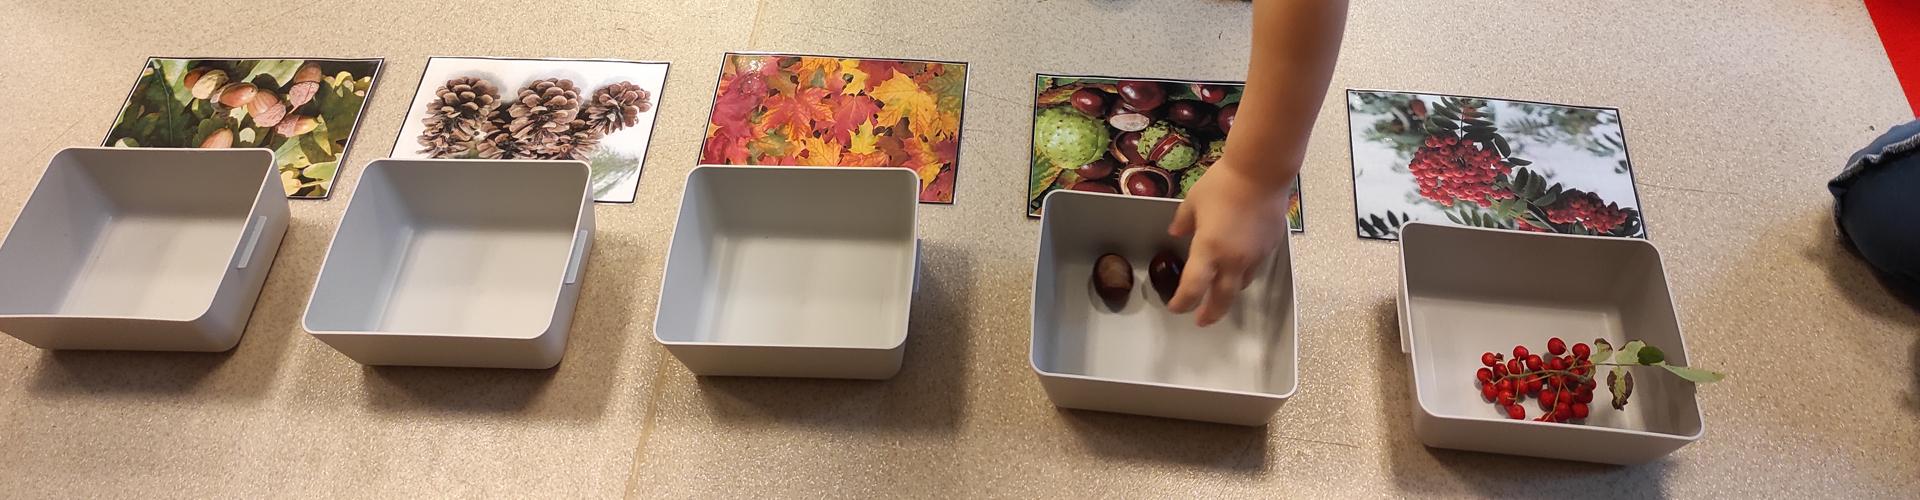 Zbieramy dary jesieni